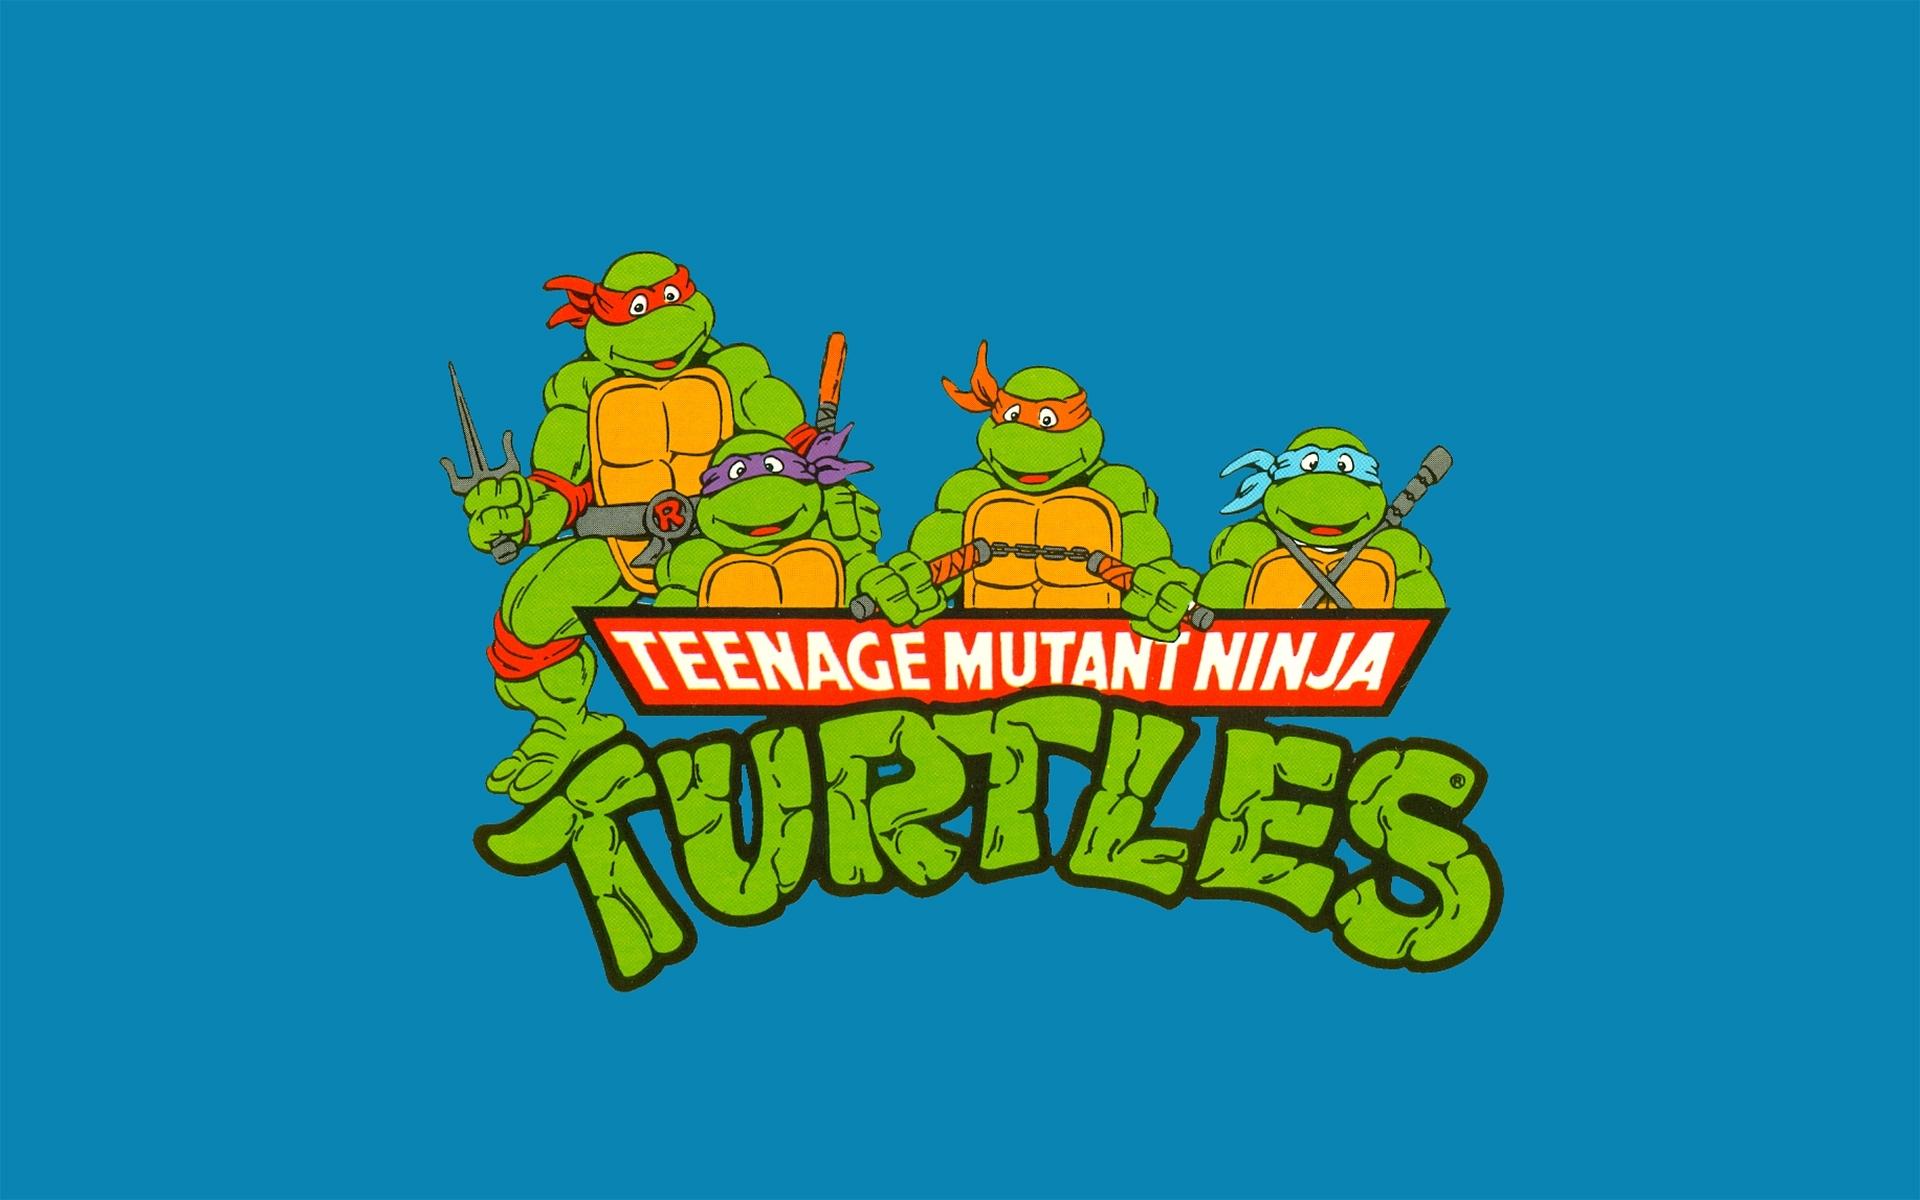 teenage mutant ninja turtles (tmnt) wallpaper for ipad mini 3